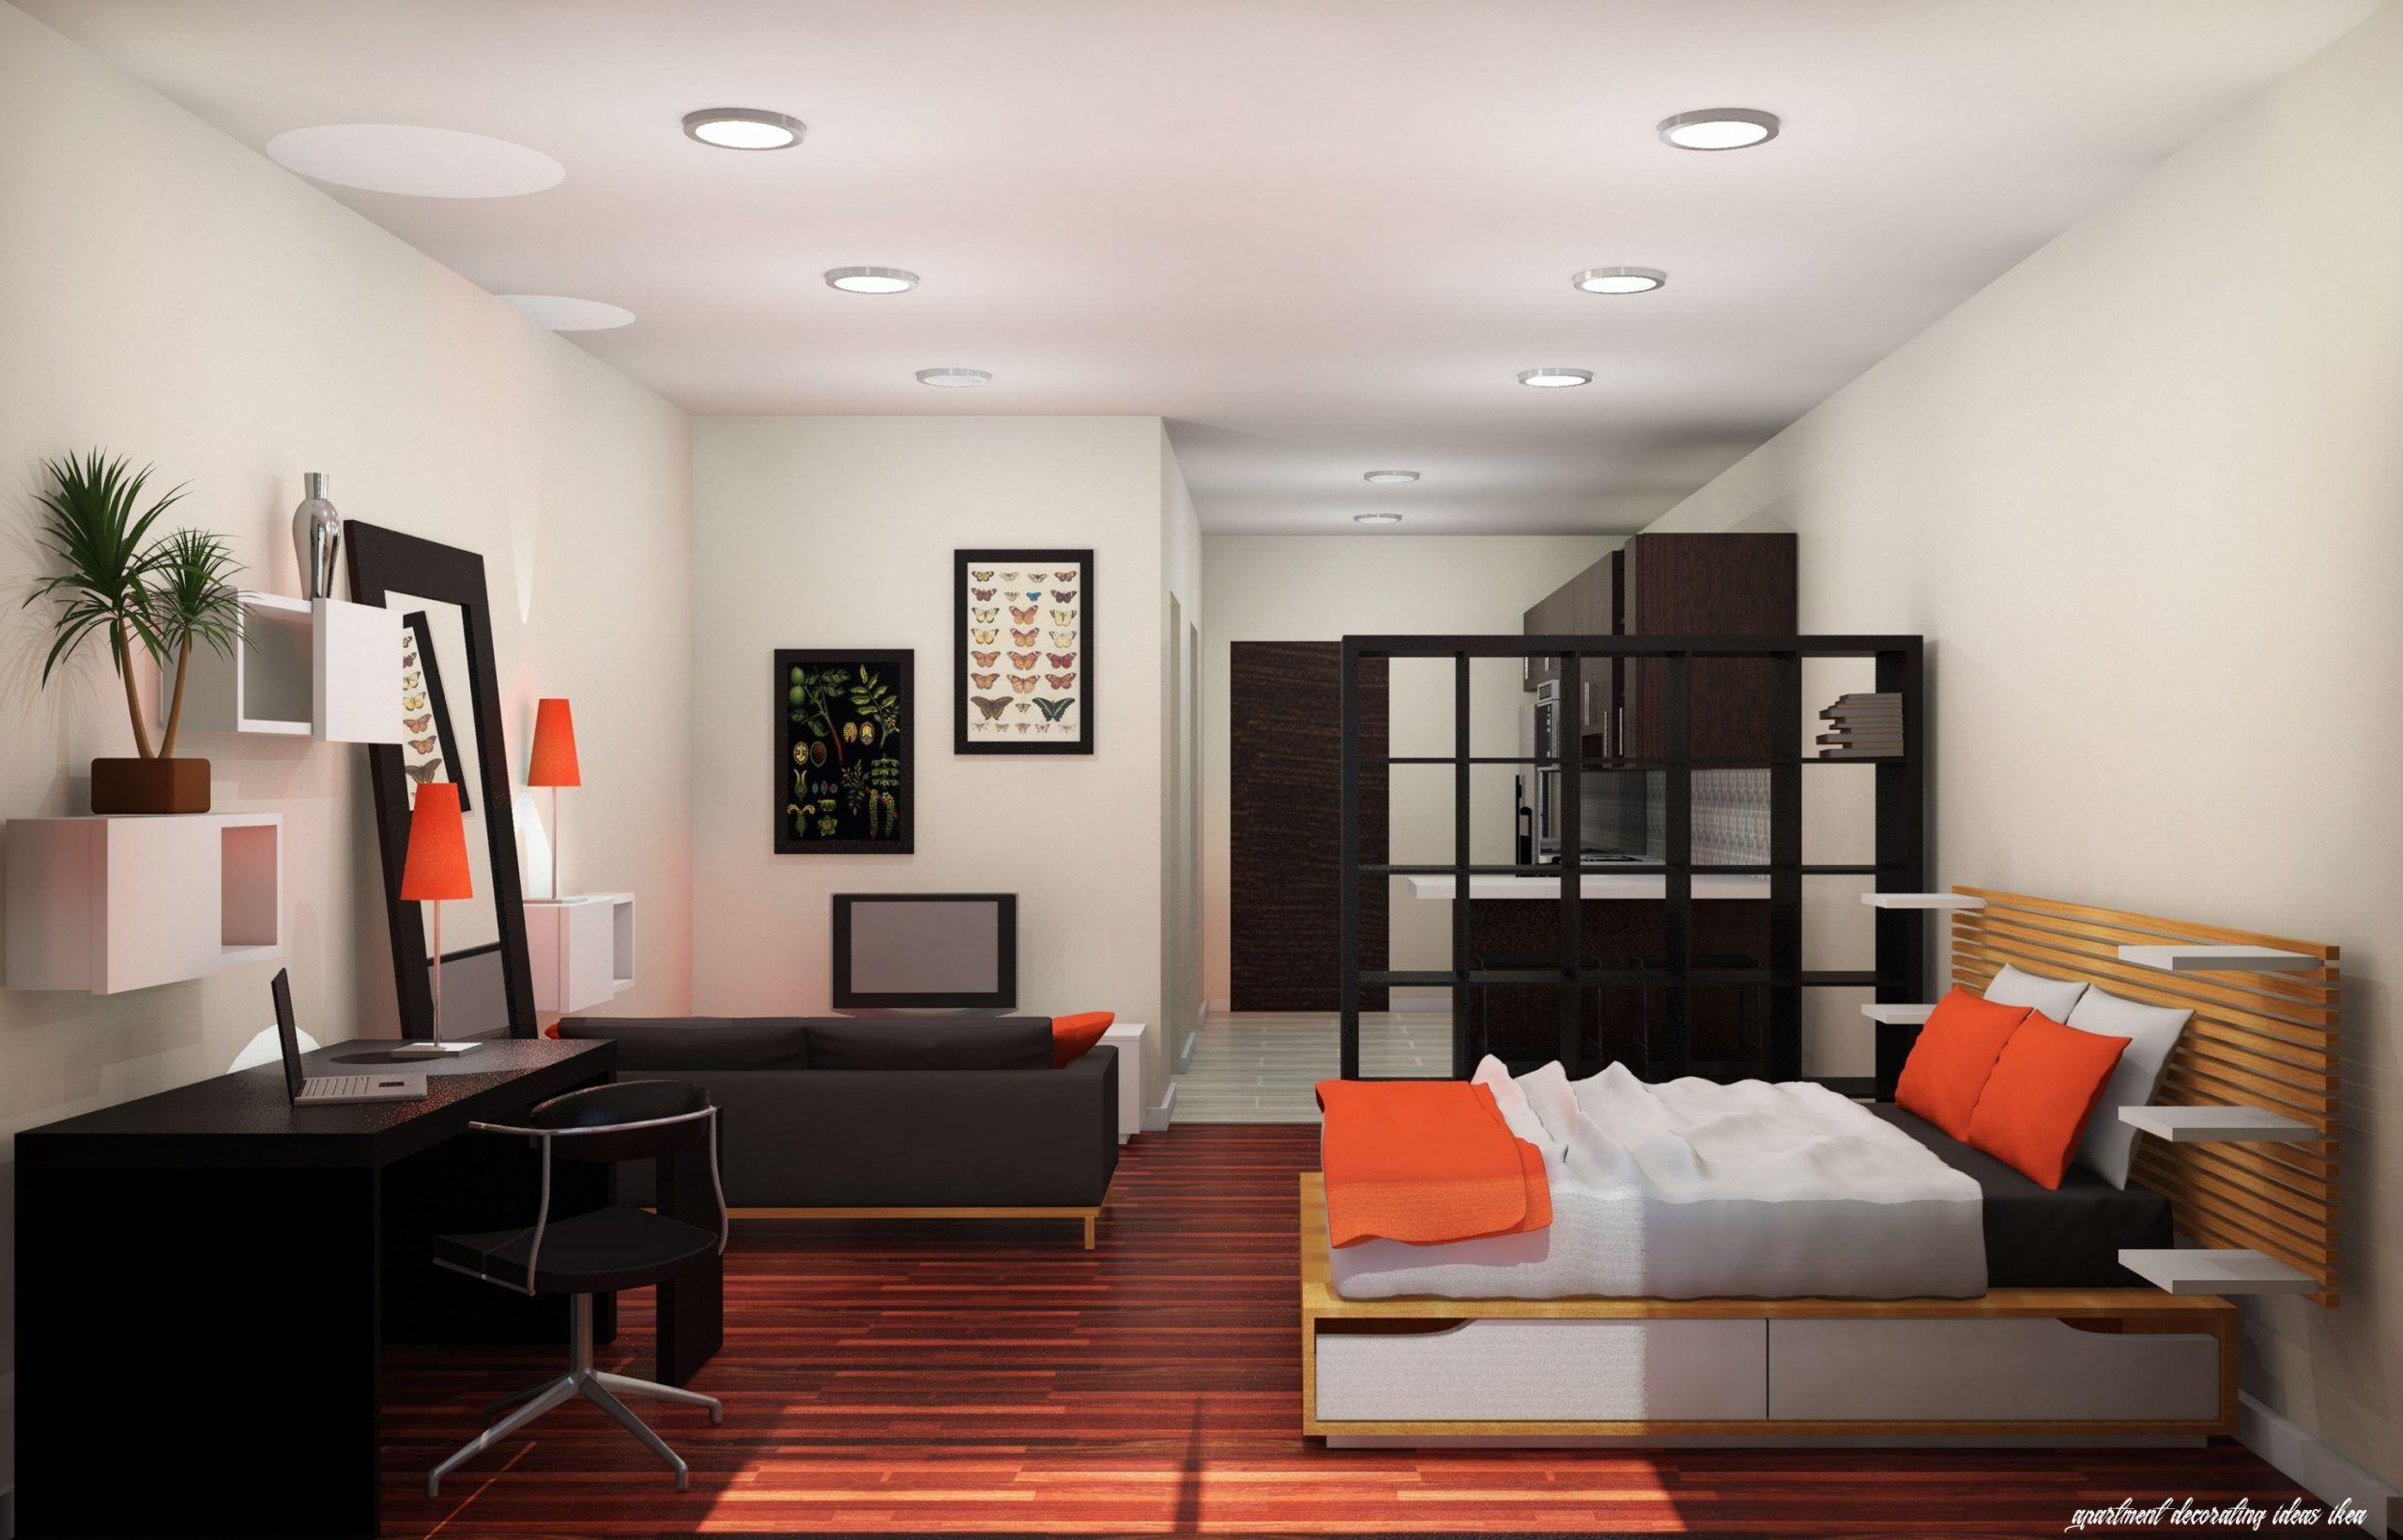 6 Apartment Decorating Ideas Ikea in 2020 Apartment